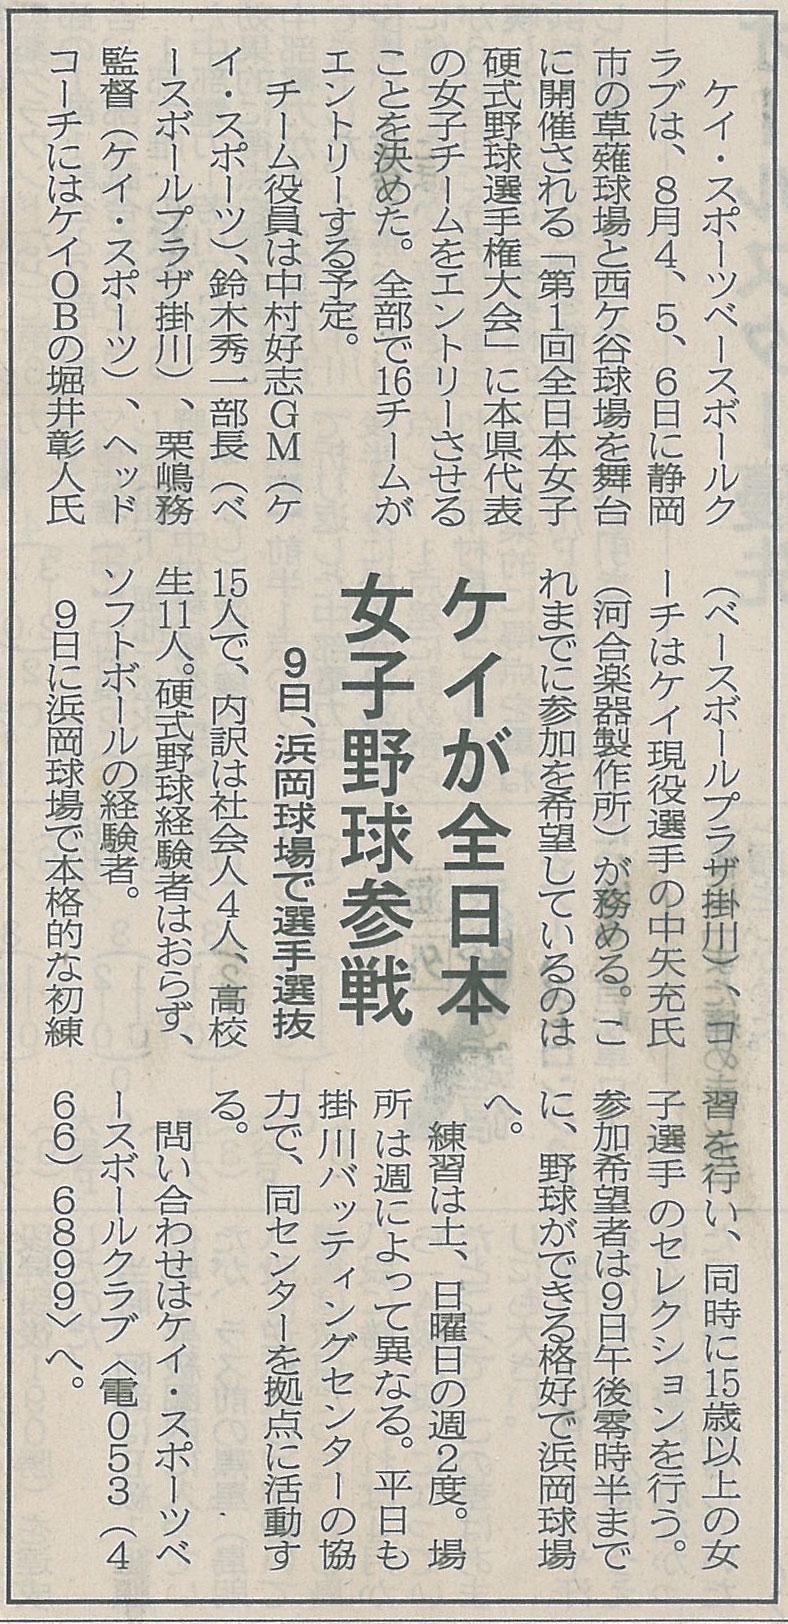 第1回全日本女子硬式野球選手権大会